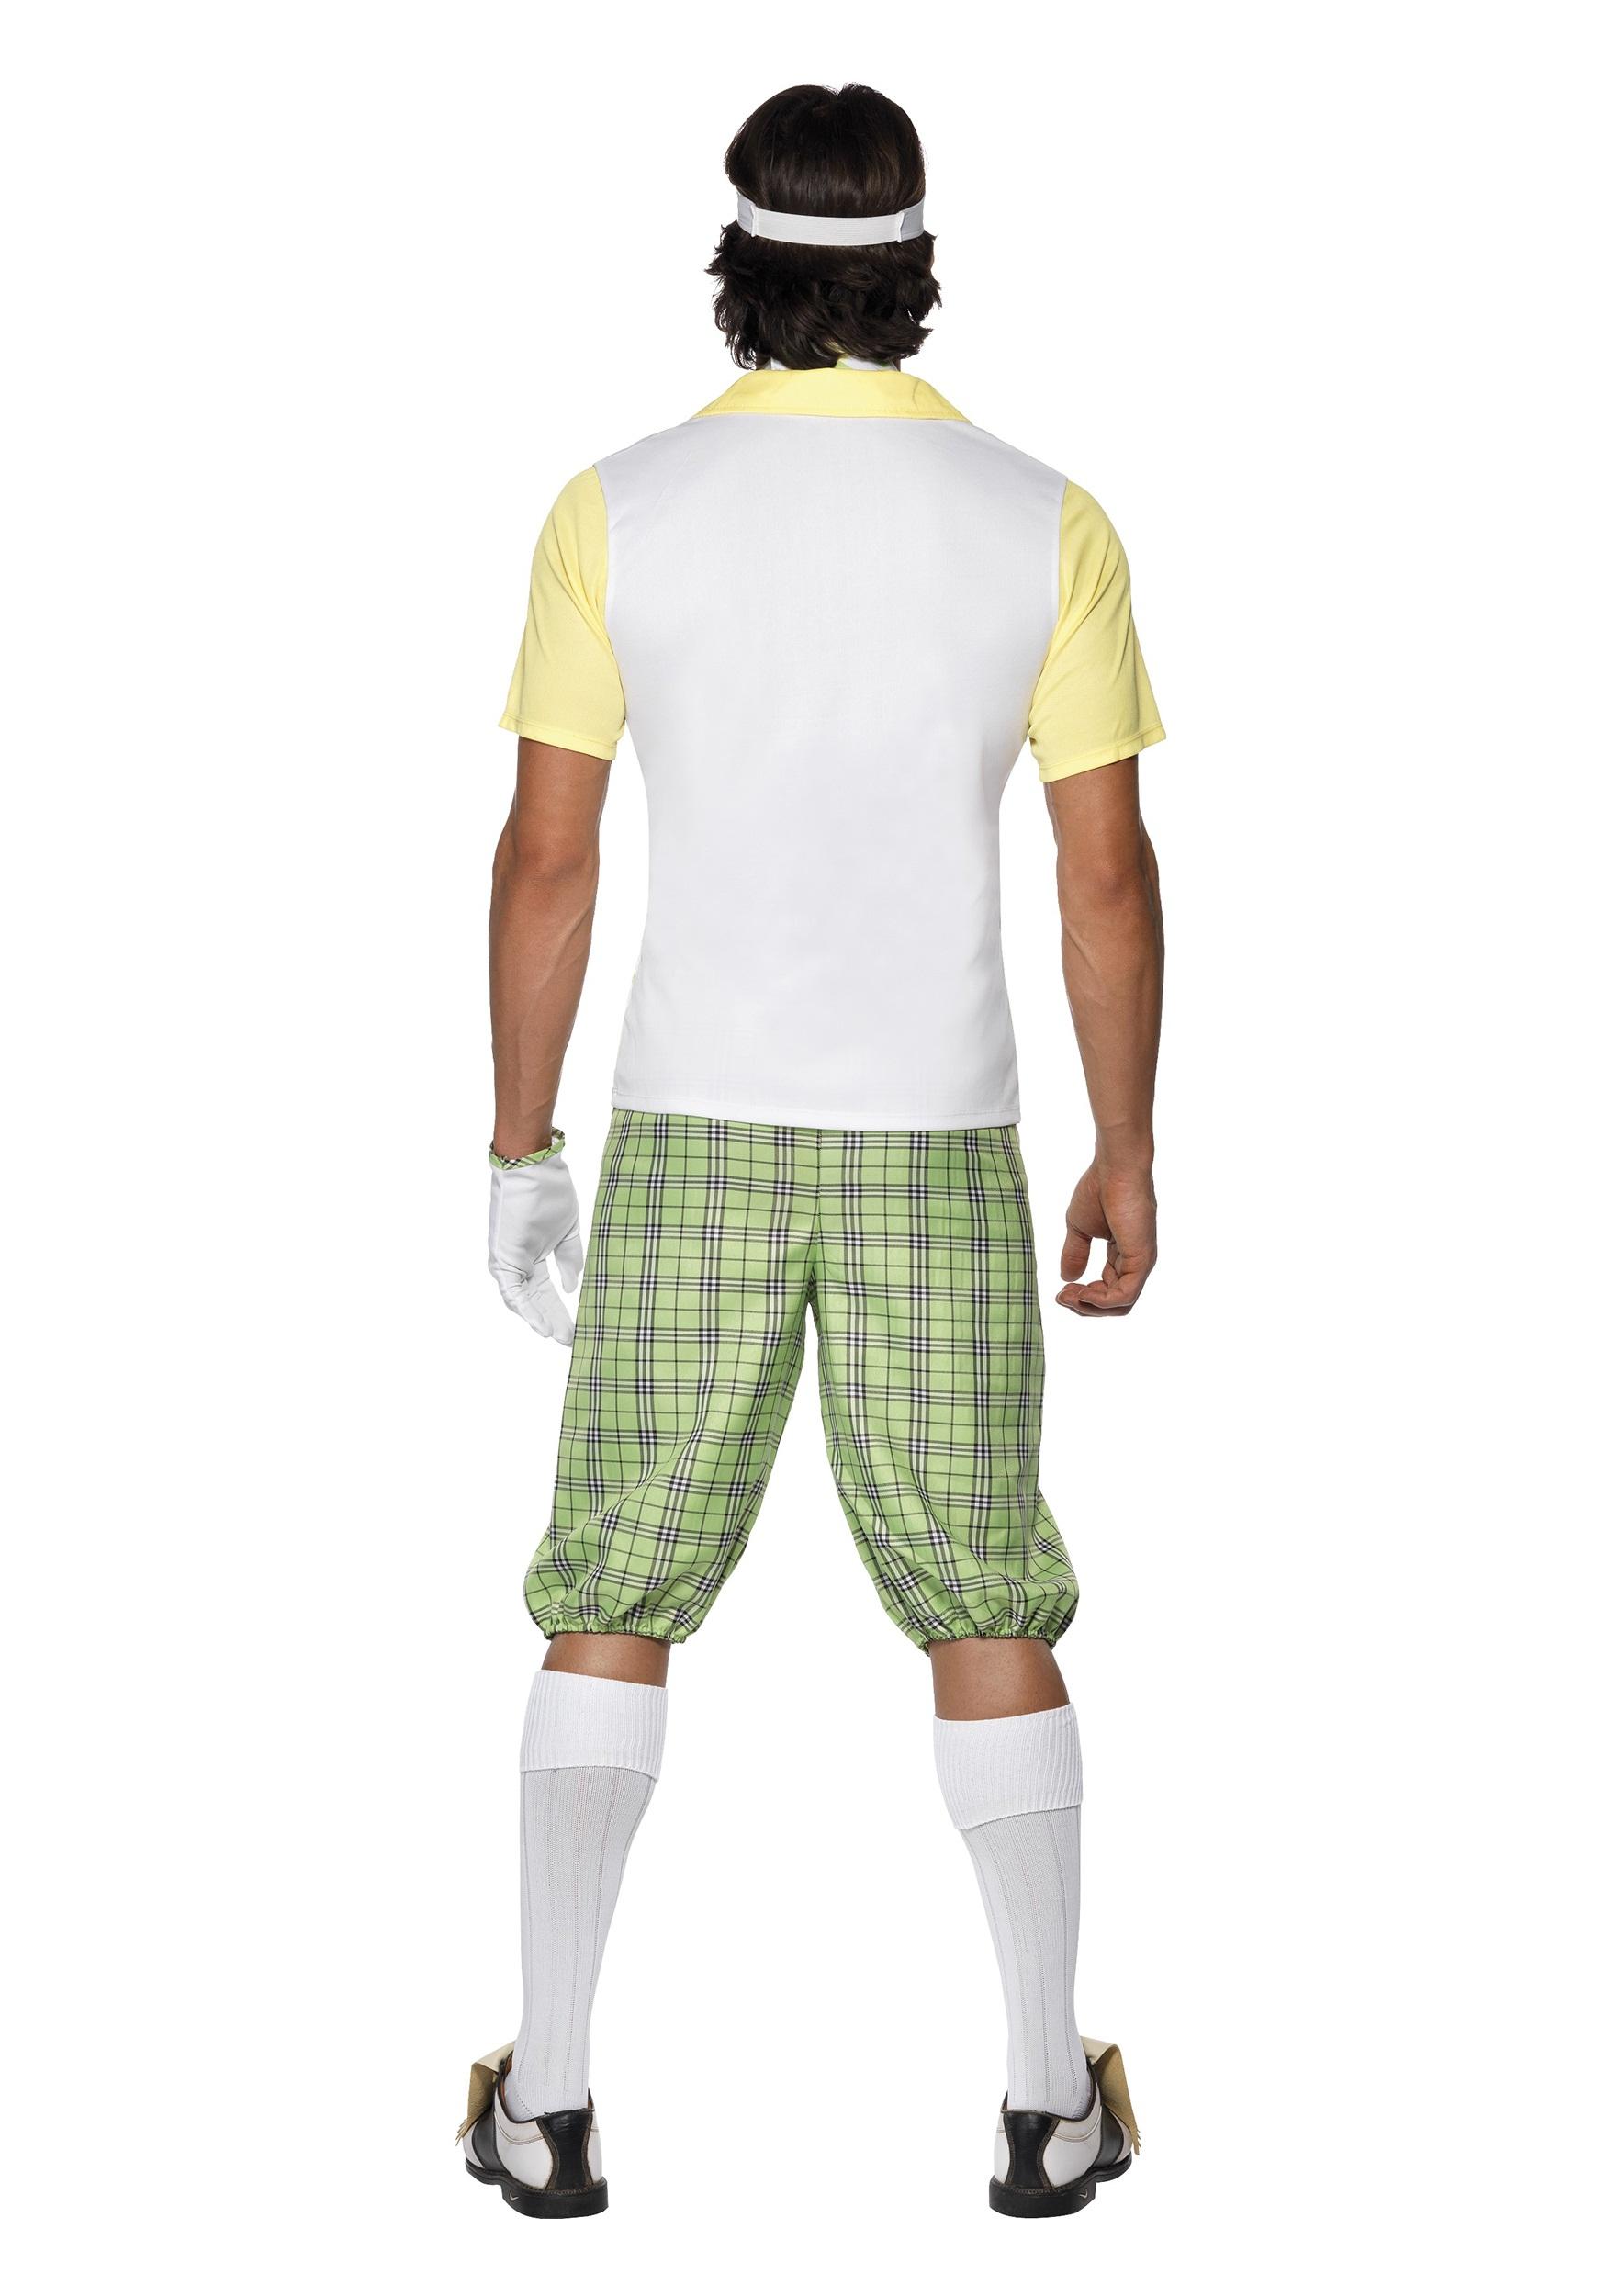 Men's Gone Golfing Costume